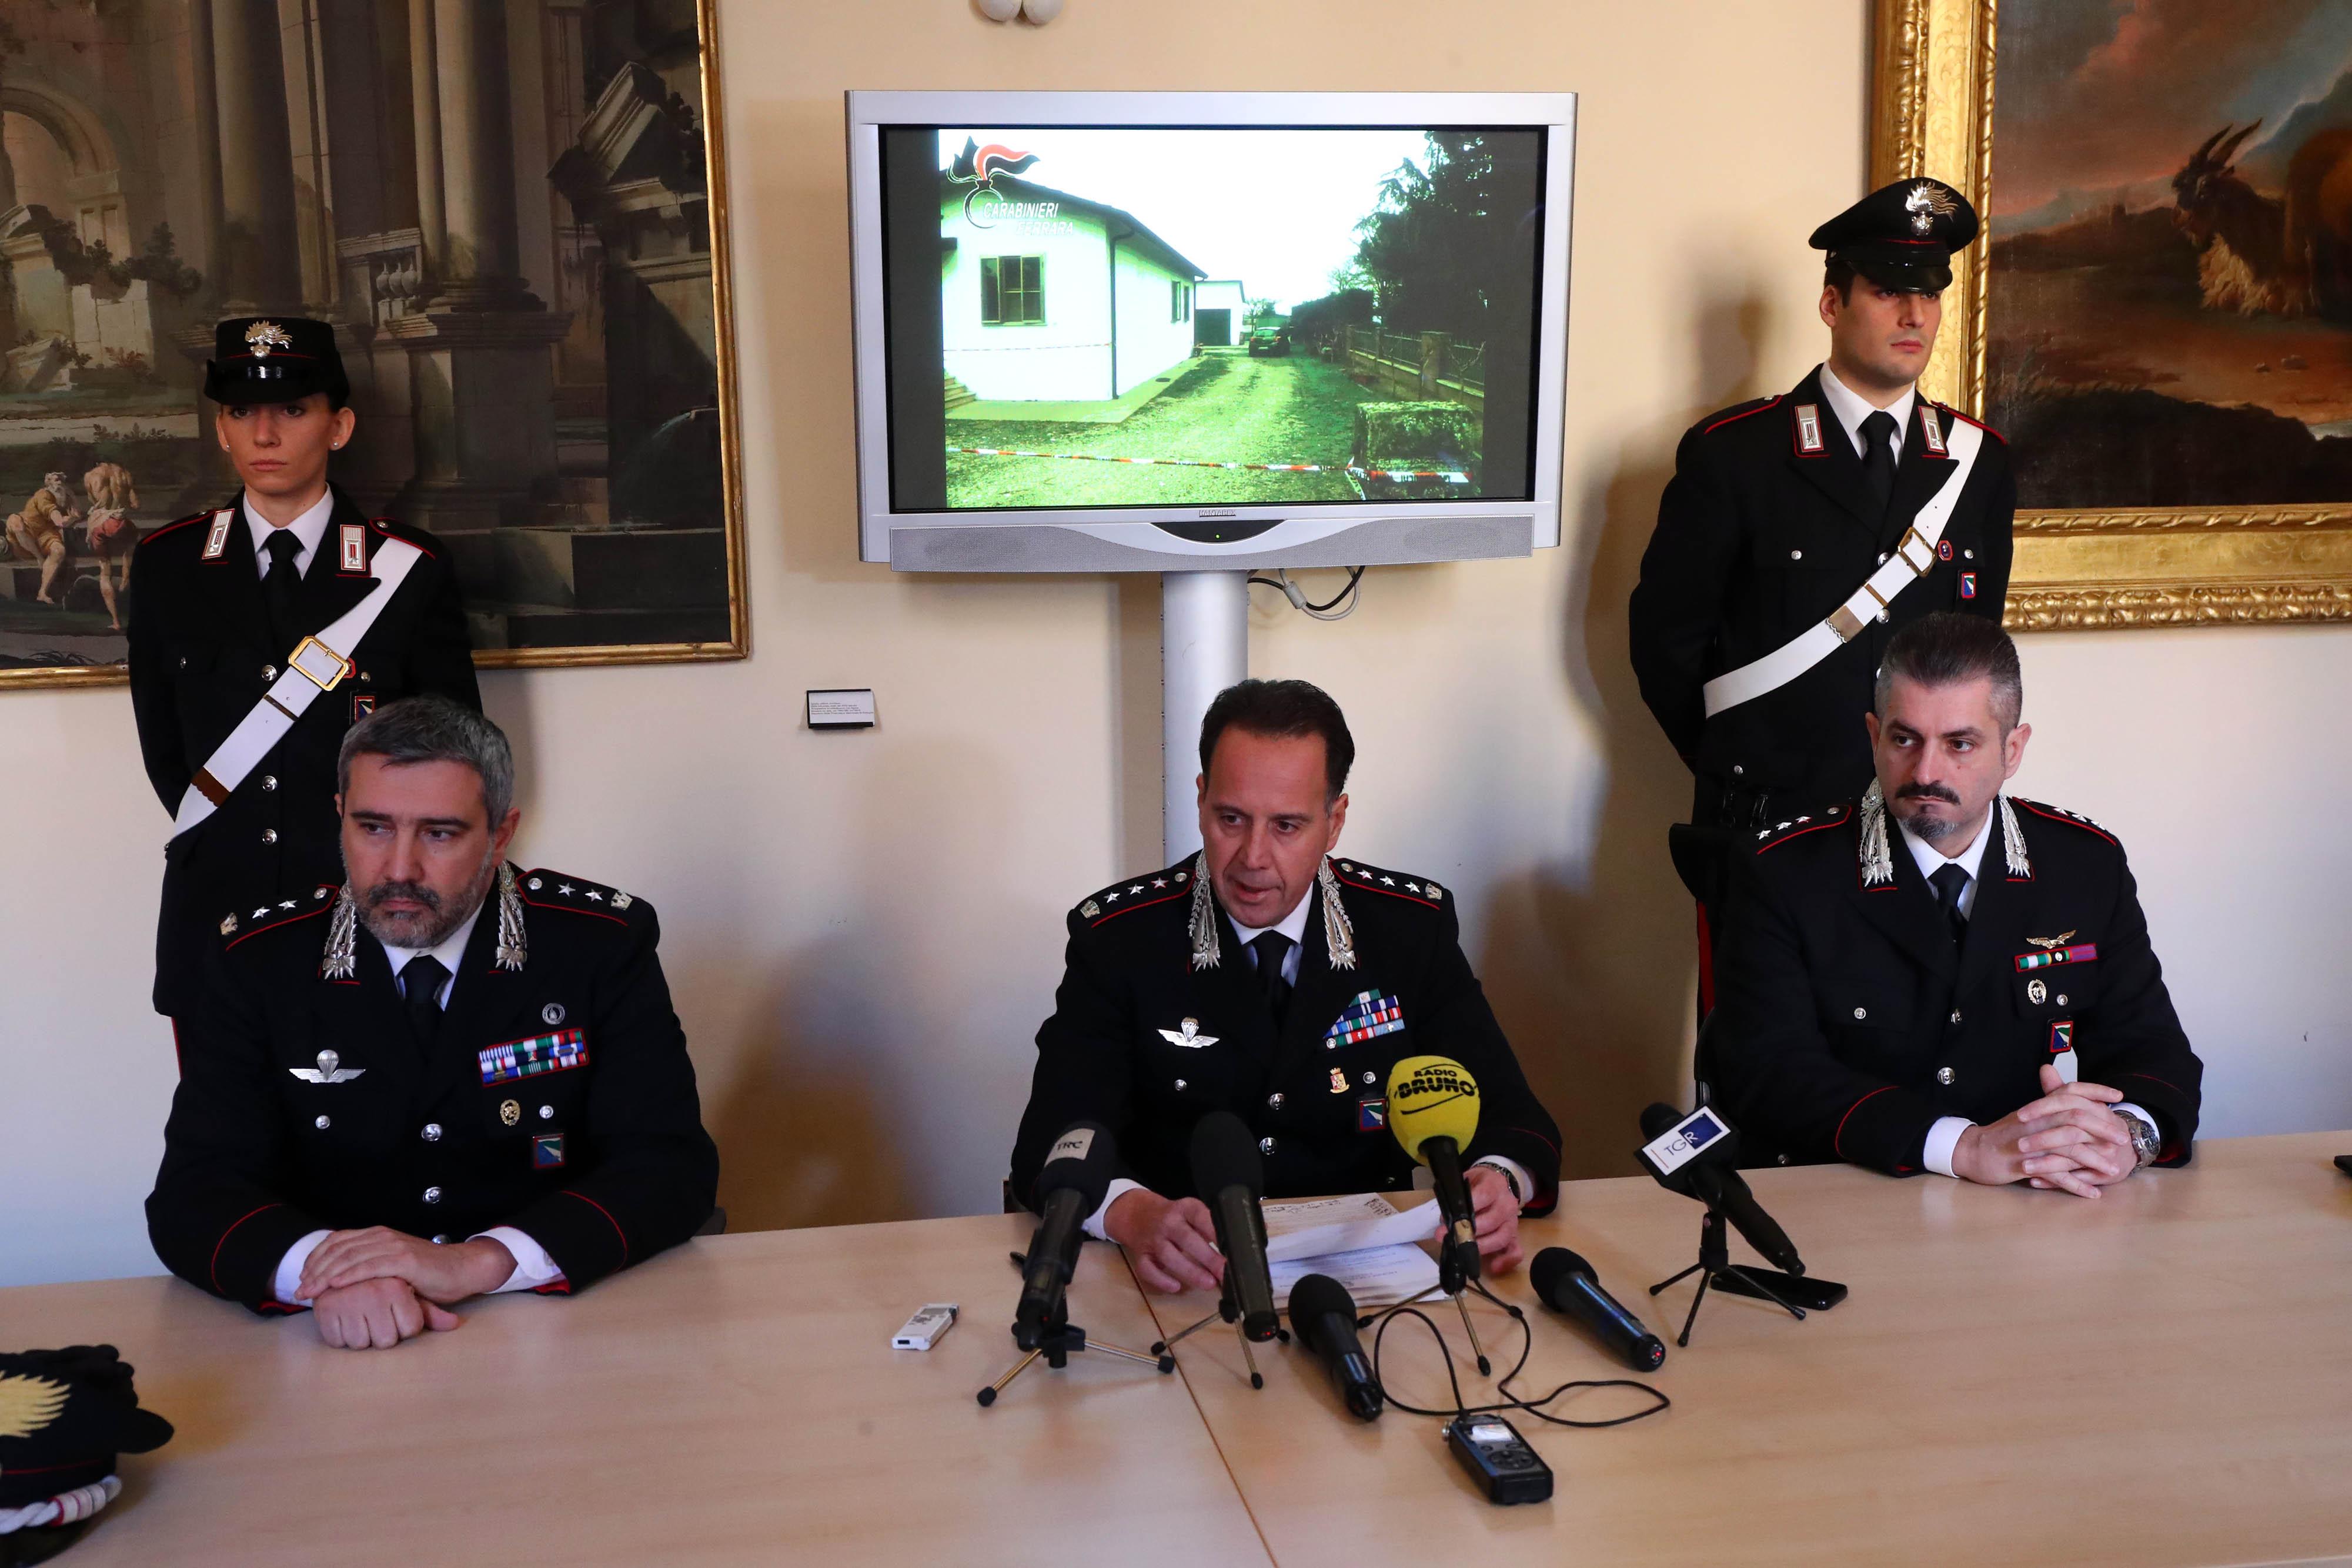 Omicidio di Ferrara: spunta un'indiscrezione su una relazione gay come movente